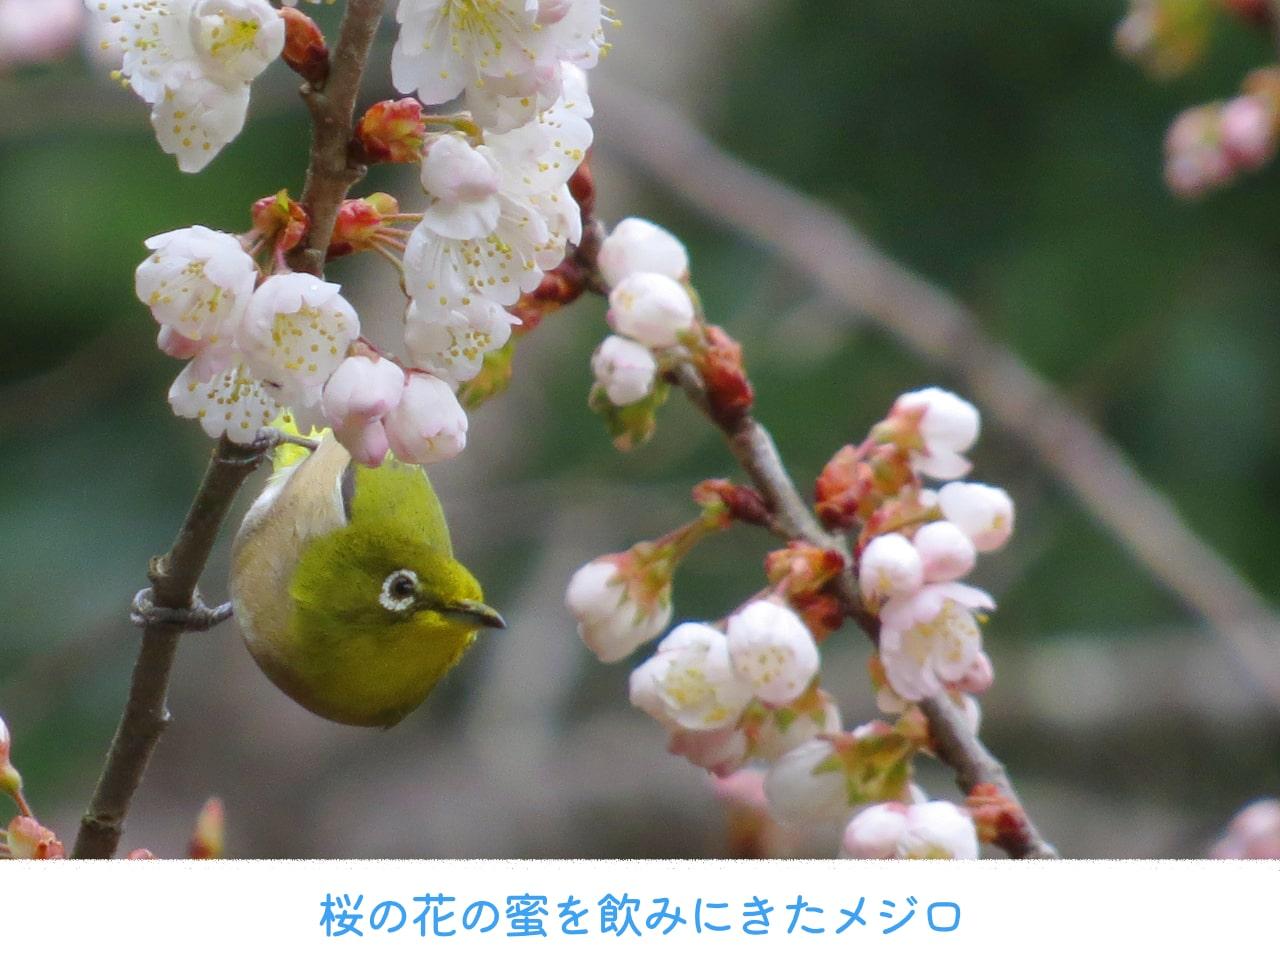 桜の木にやってきたメジロの画像